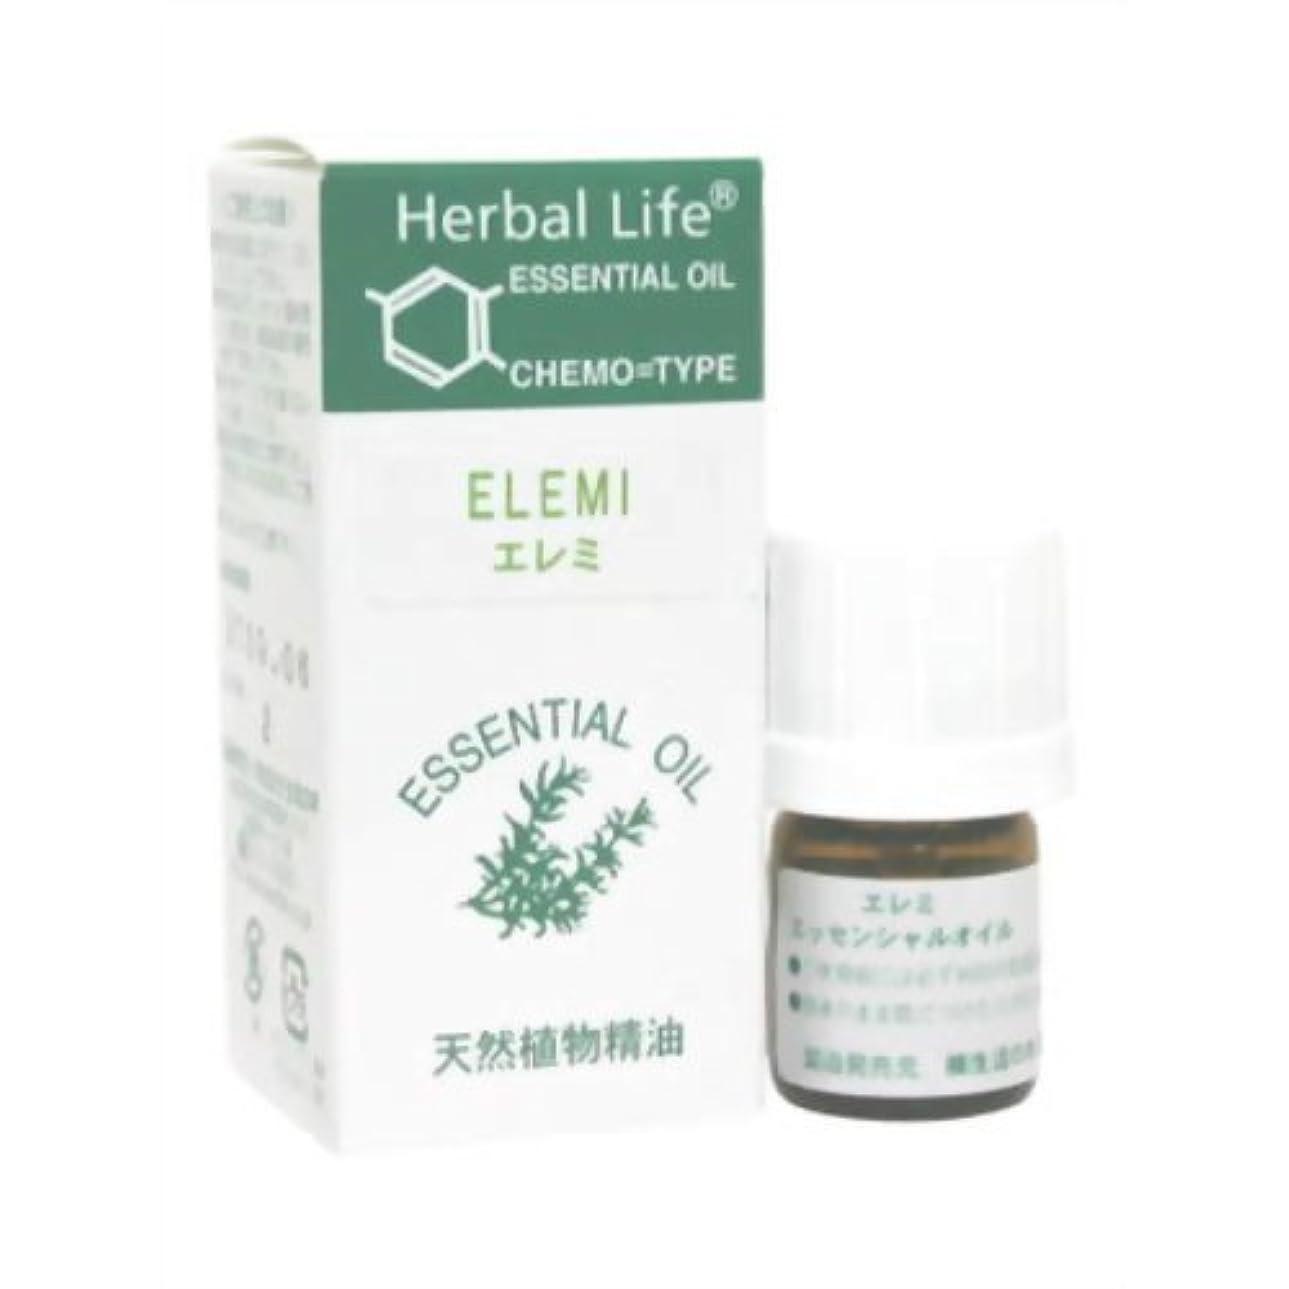 有用ありがたい突き出す生活の木 Herbal Life エレミ 3ml